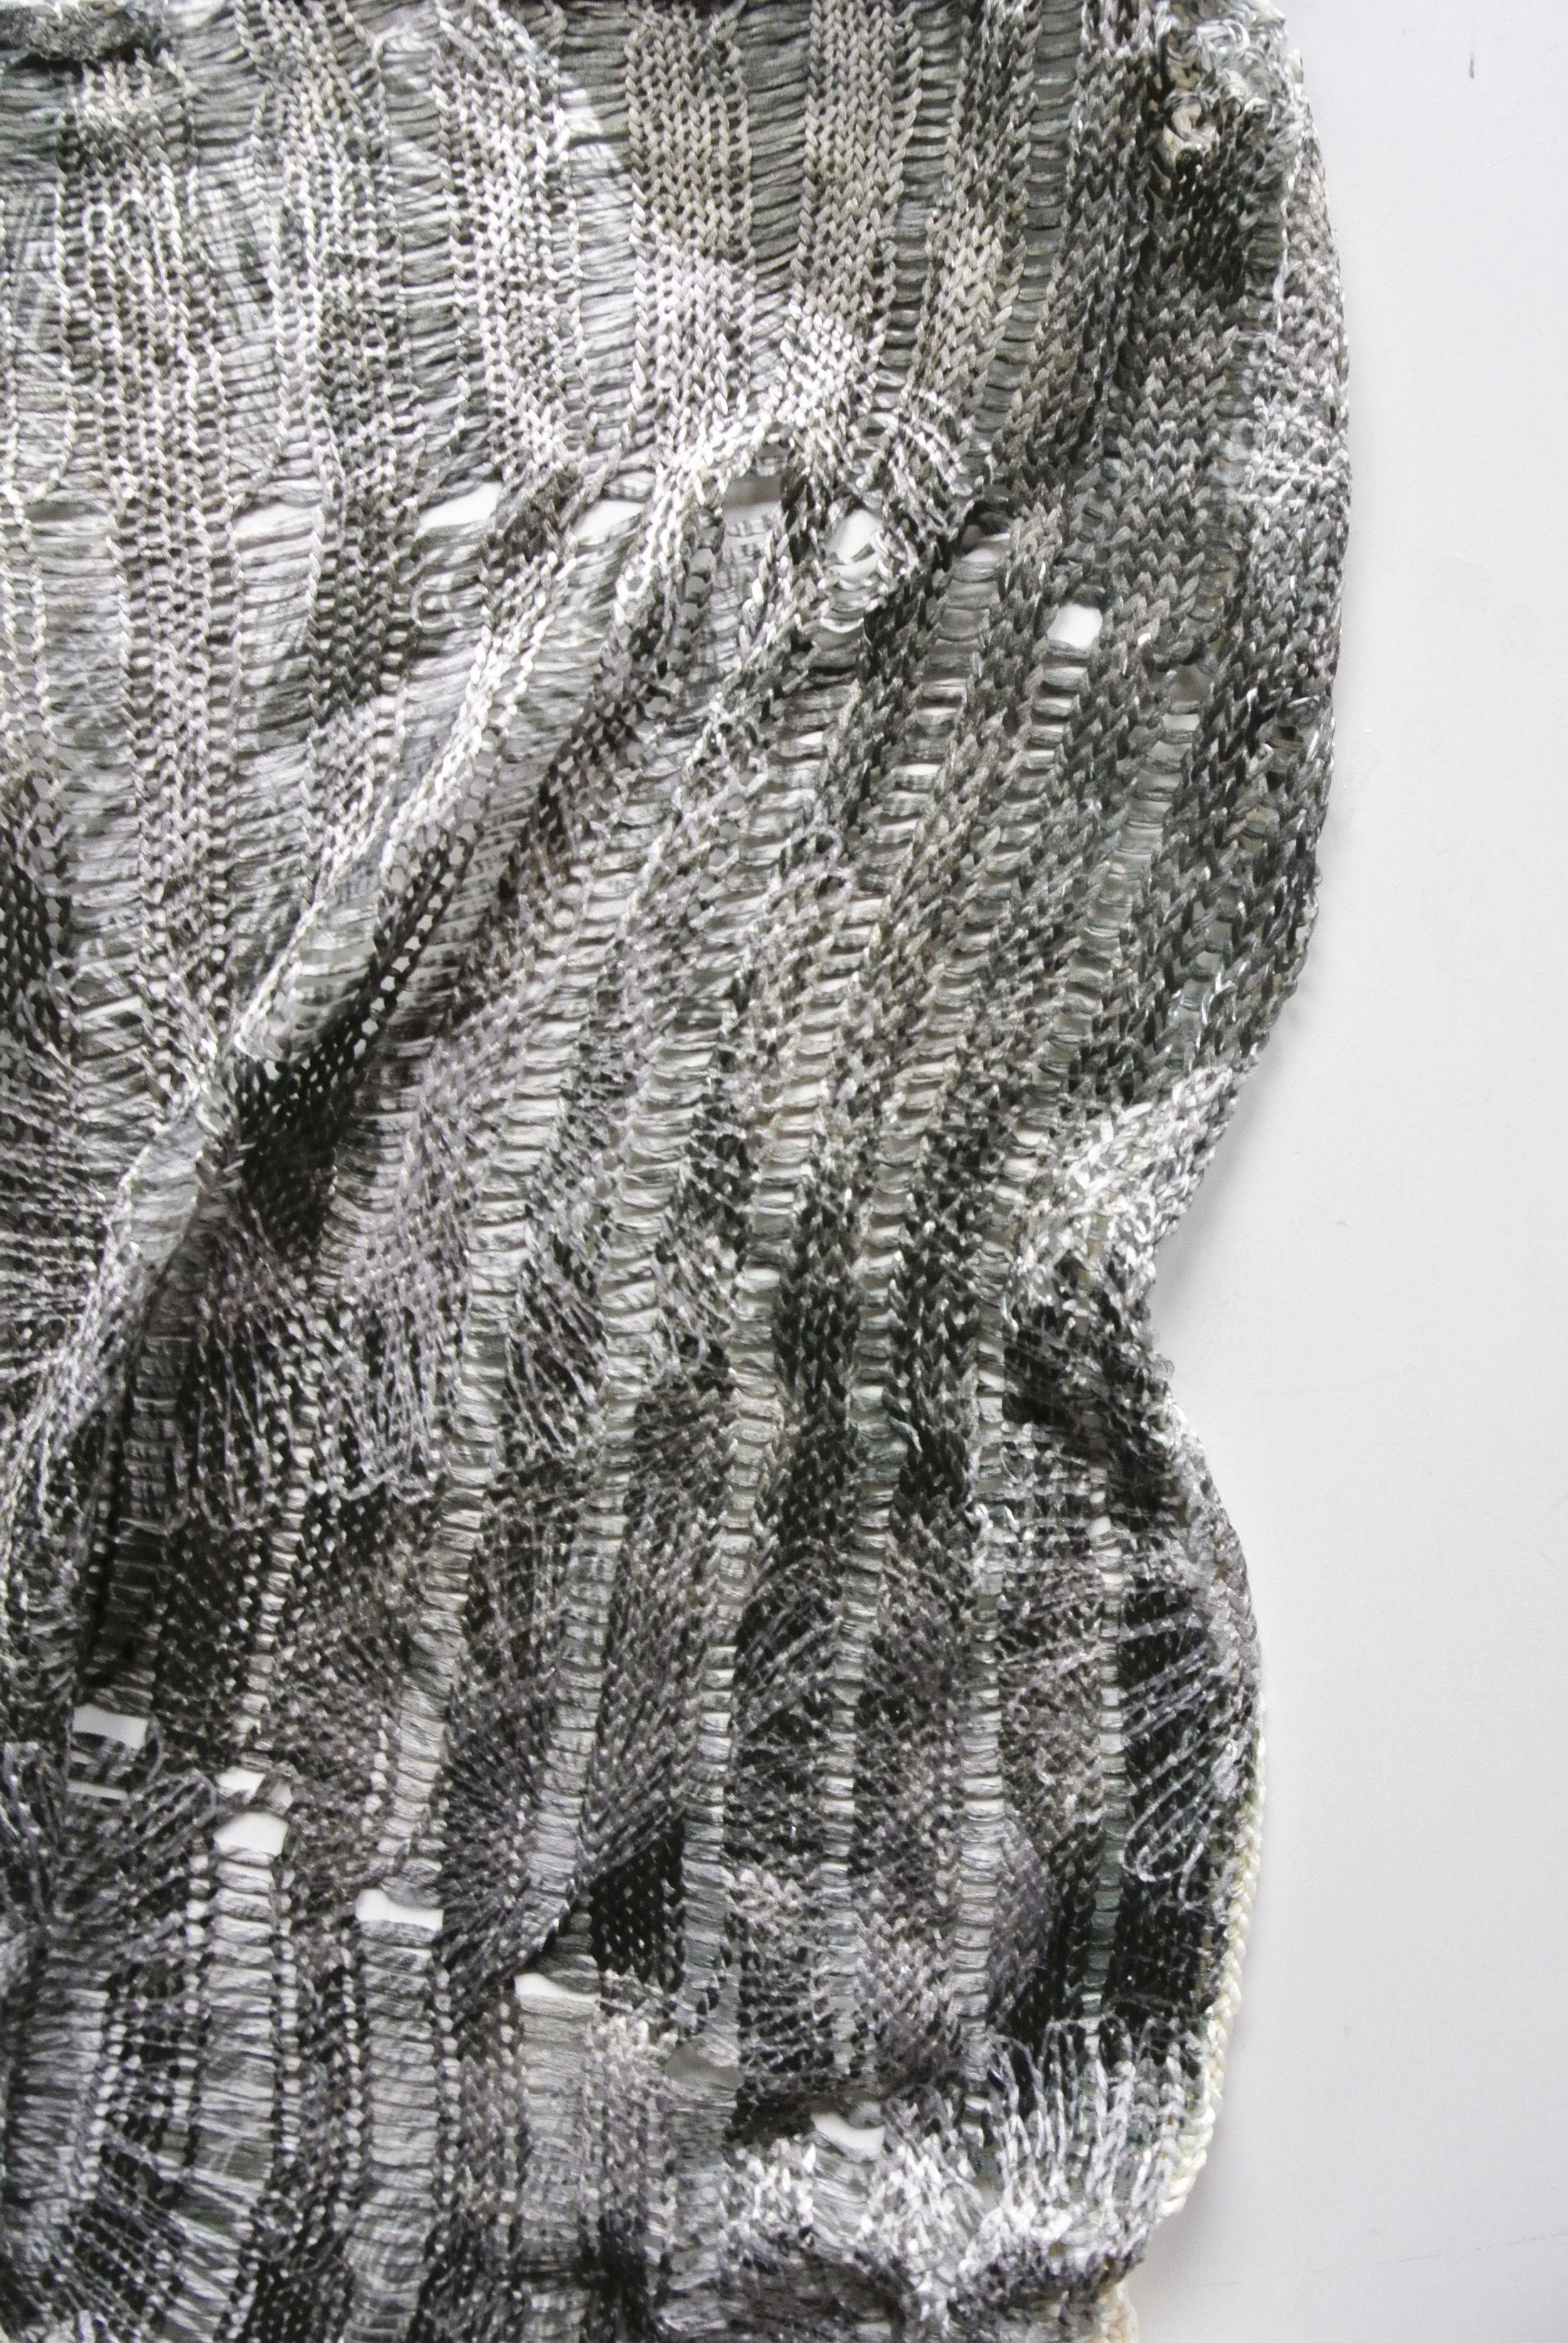 printed knit.JPG